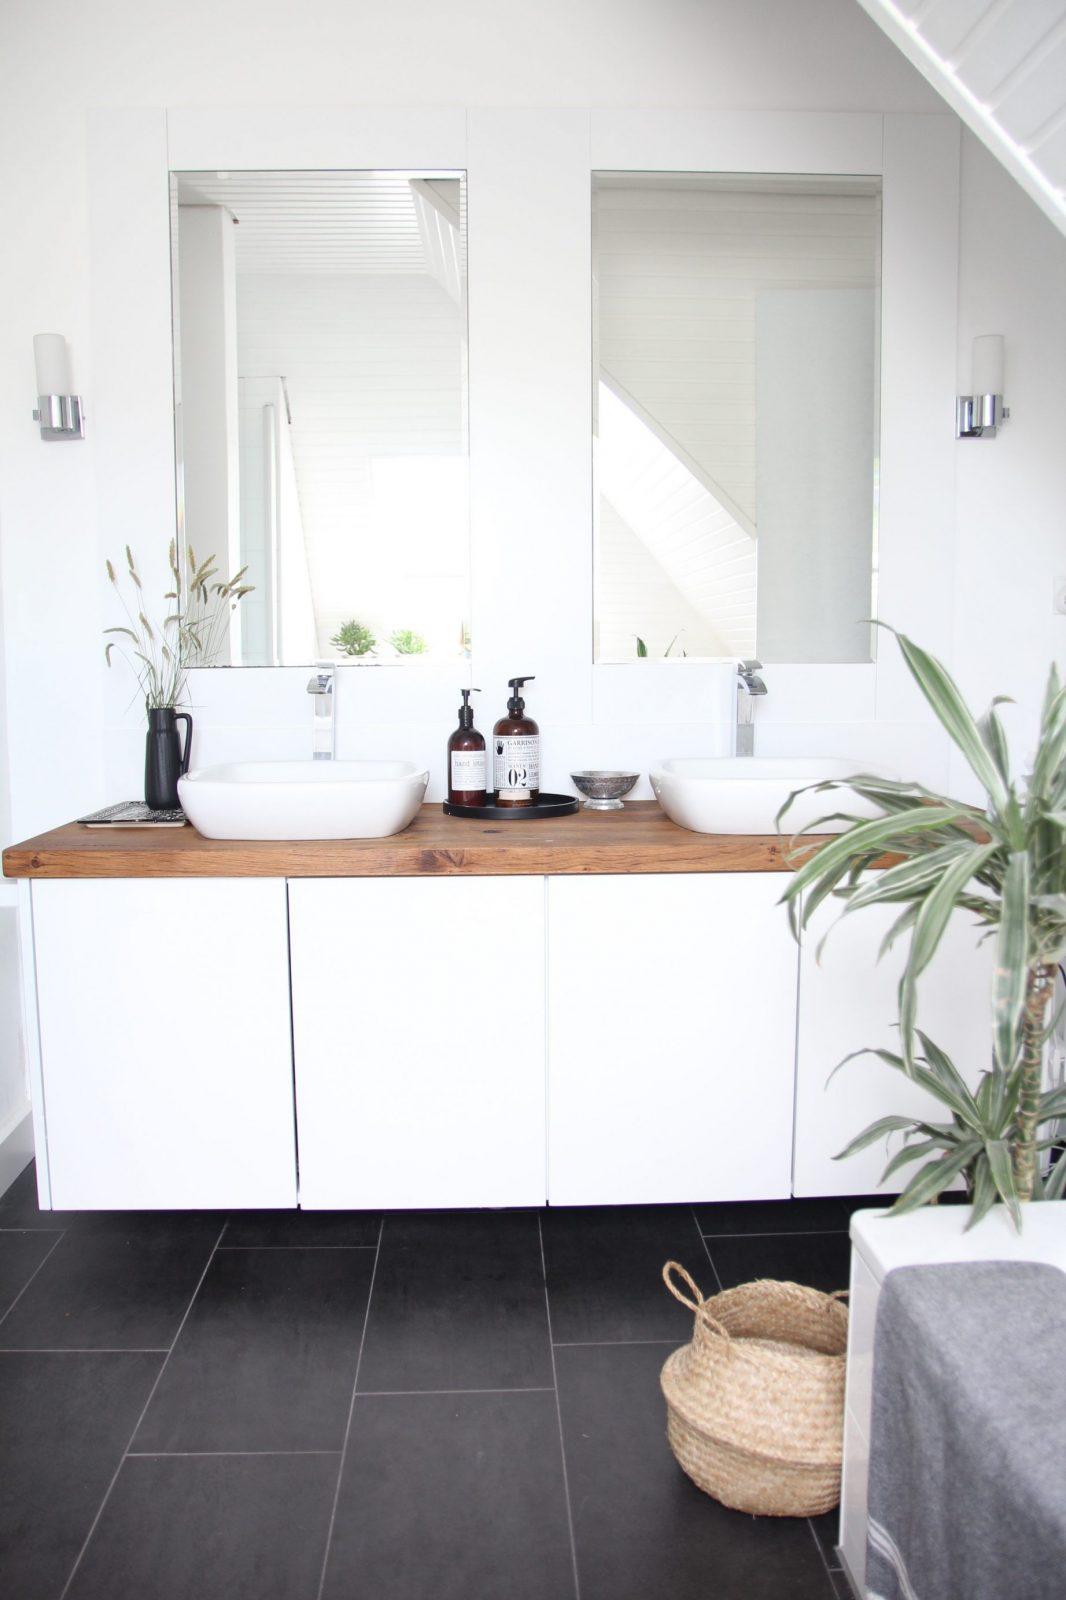 Badezimmer Selbst Renovieren Vorhernachher  Spaces  Badezimmer von Altes Badezimmer Aufpeppen Vorher Nachher Bilder Bild